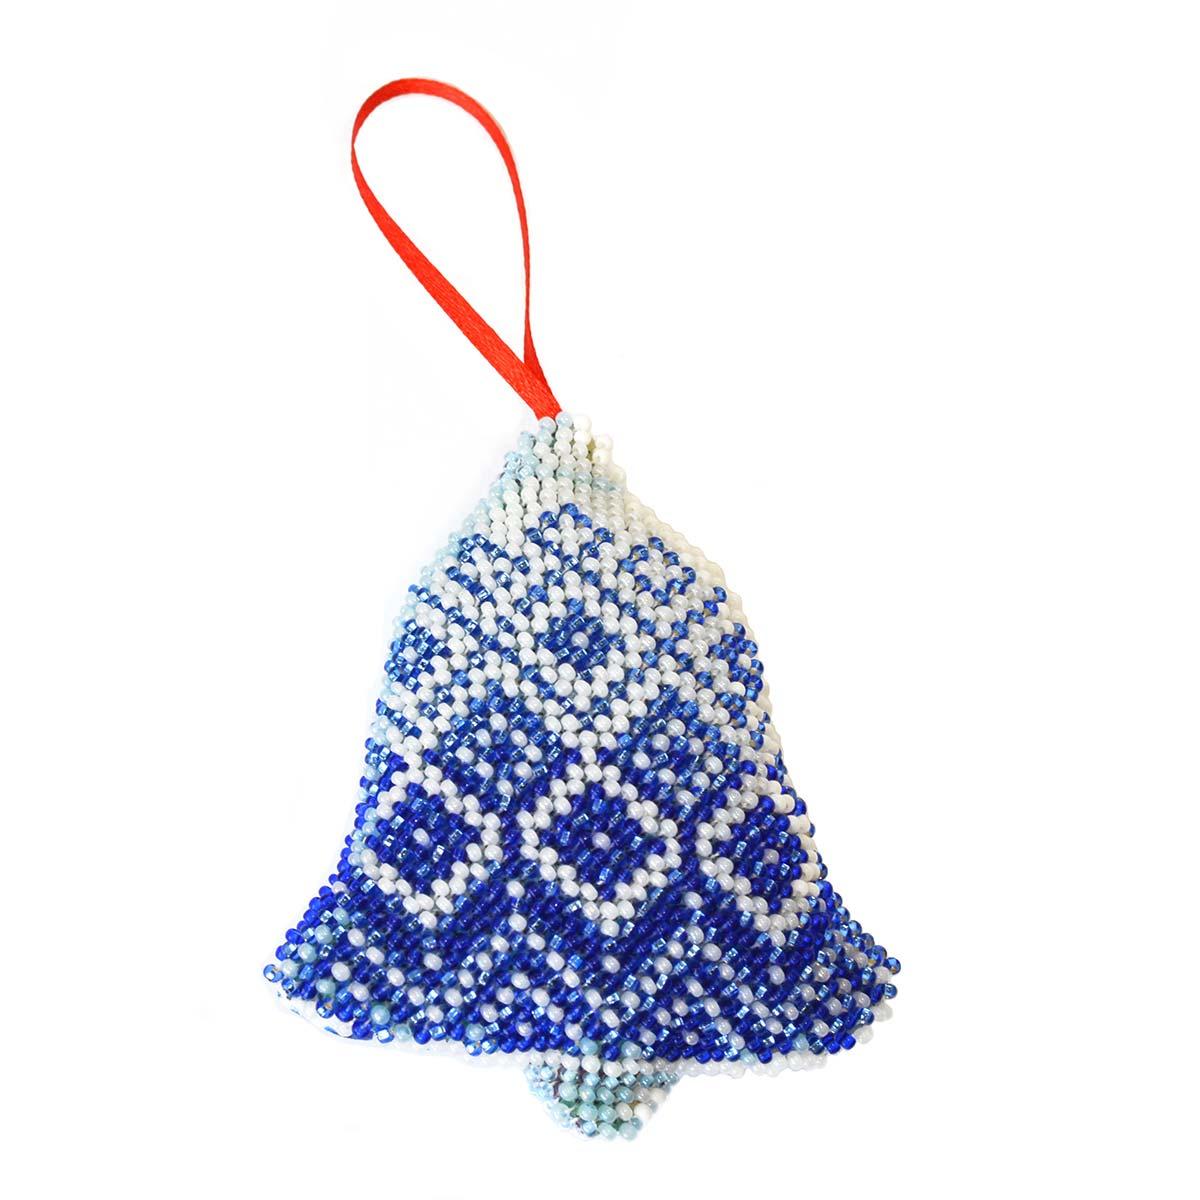 БИ-107 Набор для вышивания бисером'Созвездие'. Новогодняя игрушка 'Синий колокольчик'9,5*8см